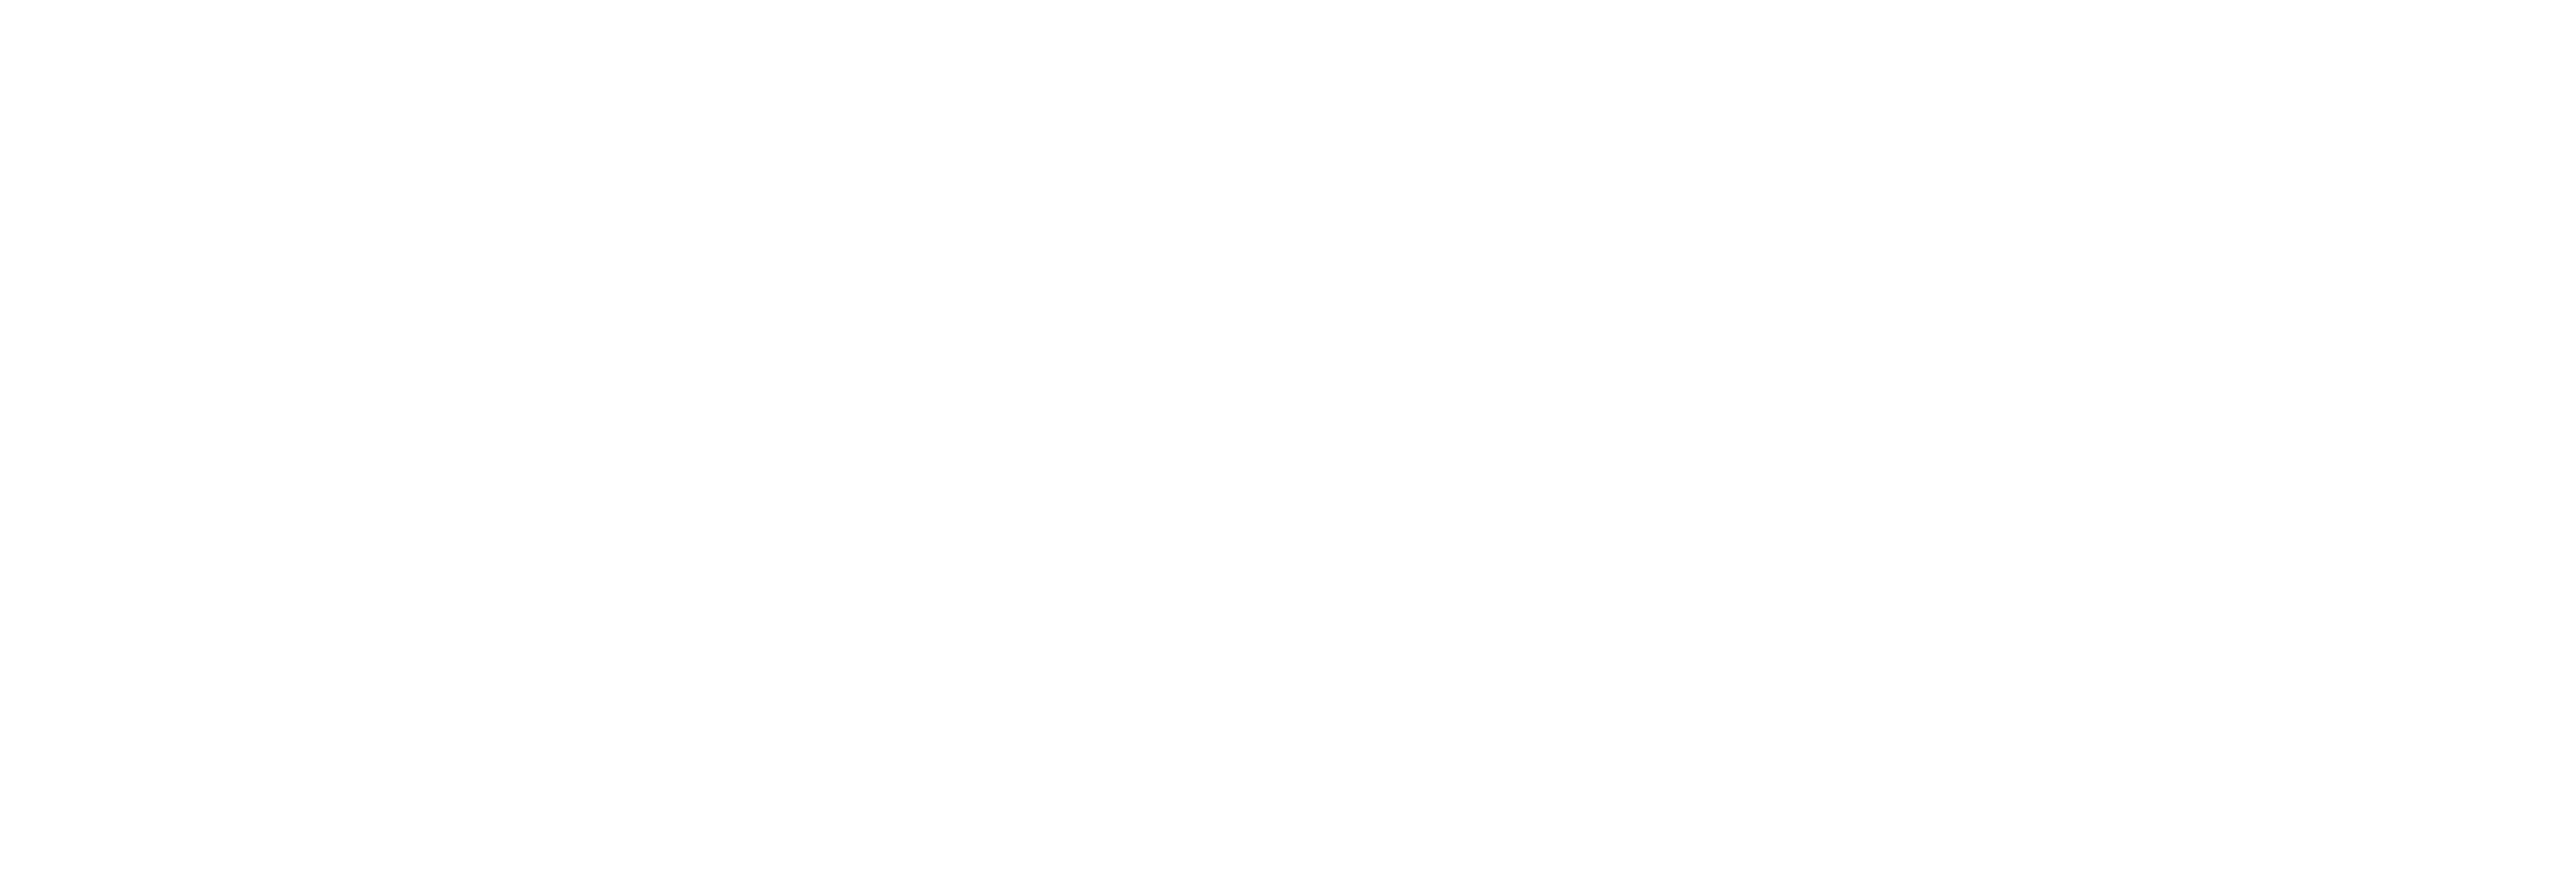 The Vore